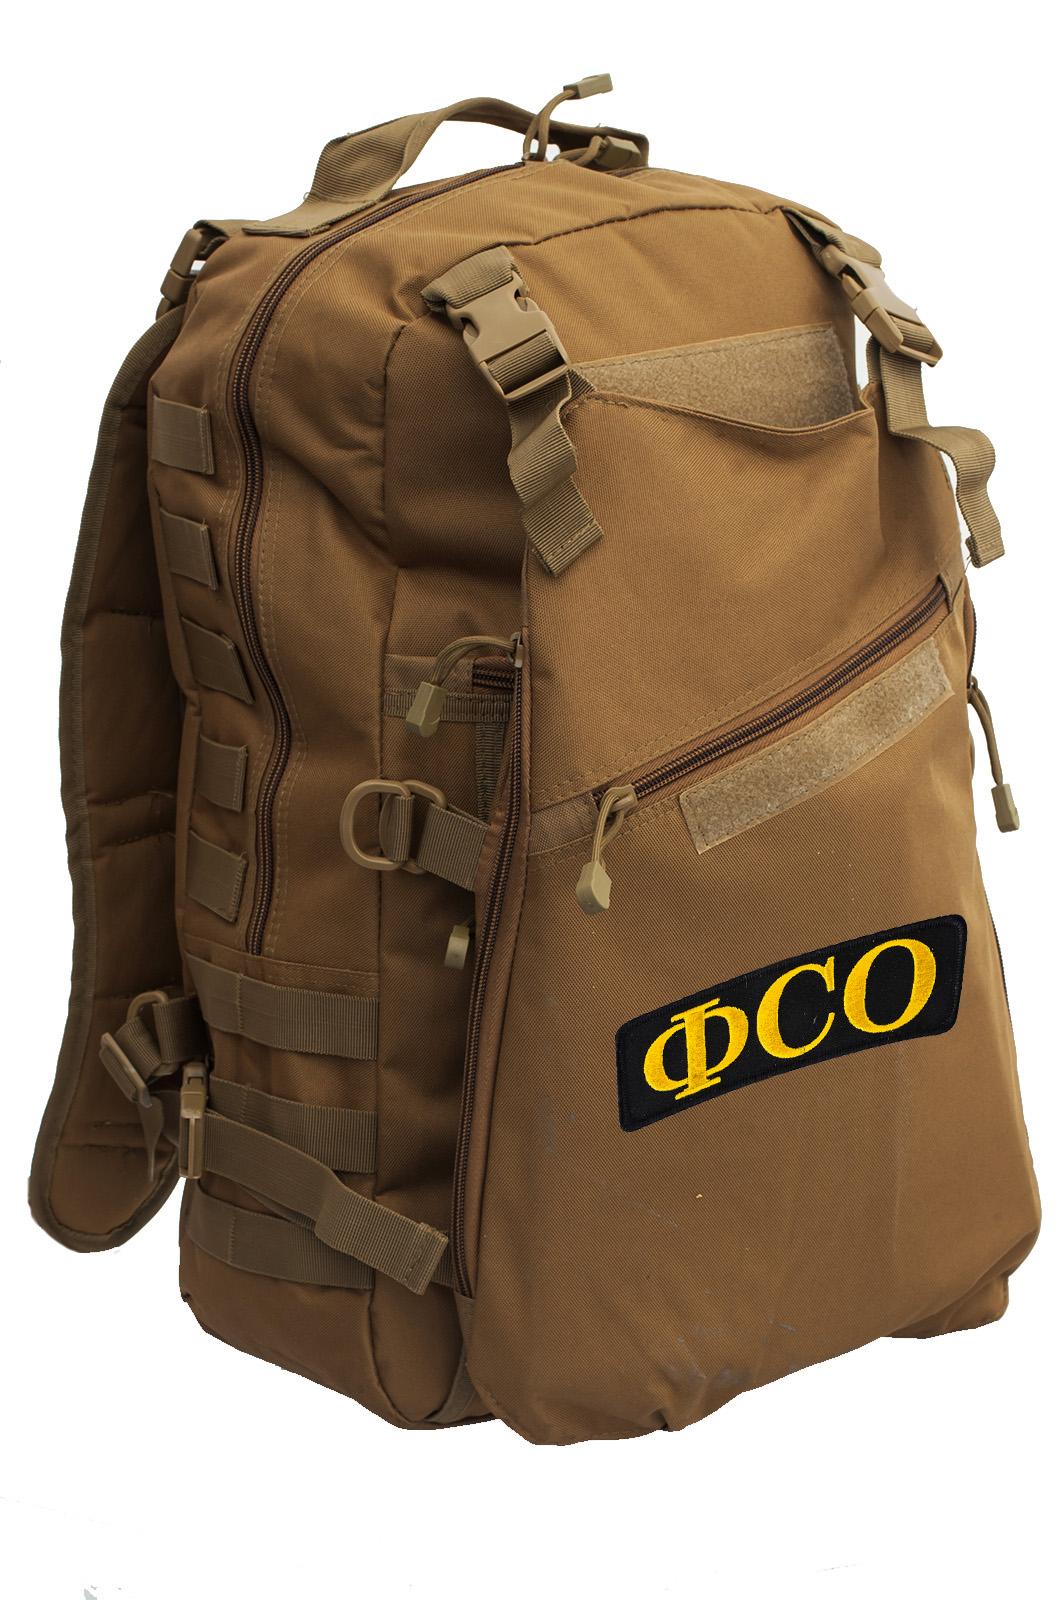 Рейдовый тактический рюкзак с нашивкой ФСО - купить в подарок